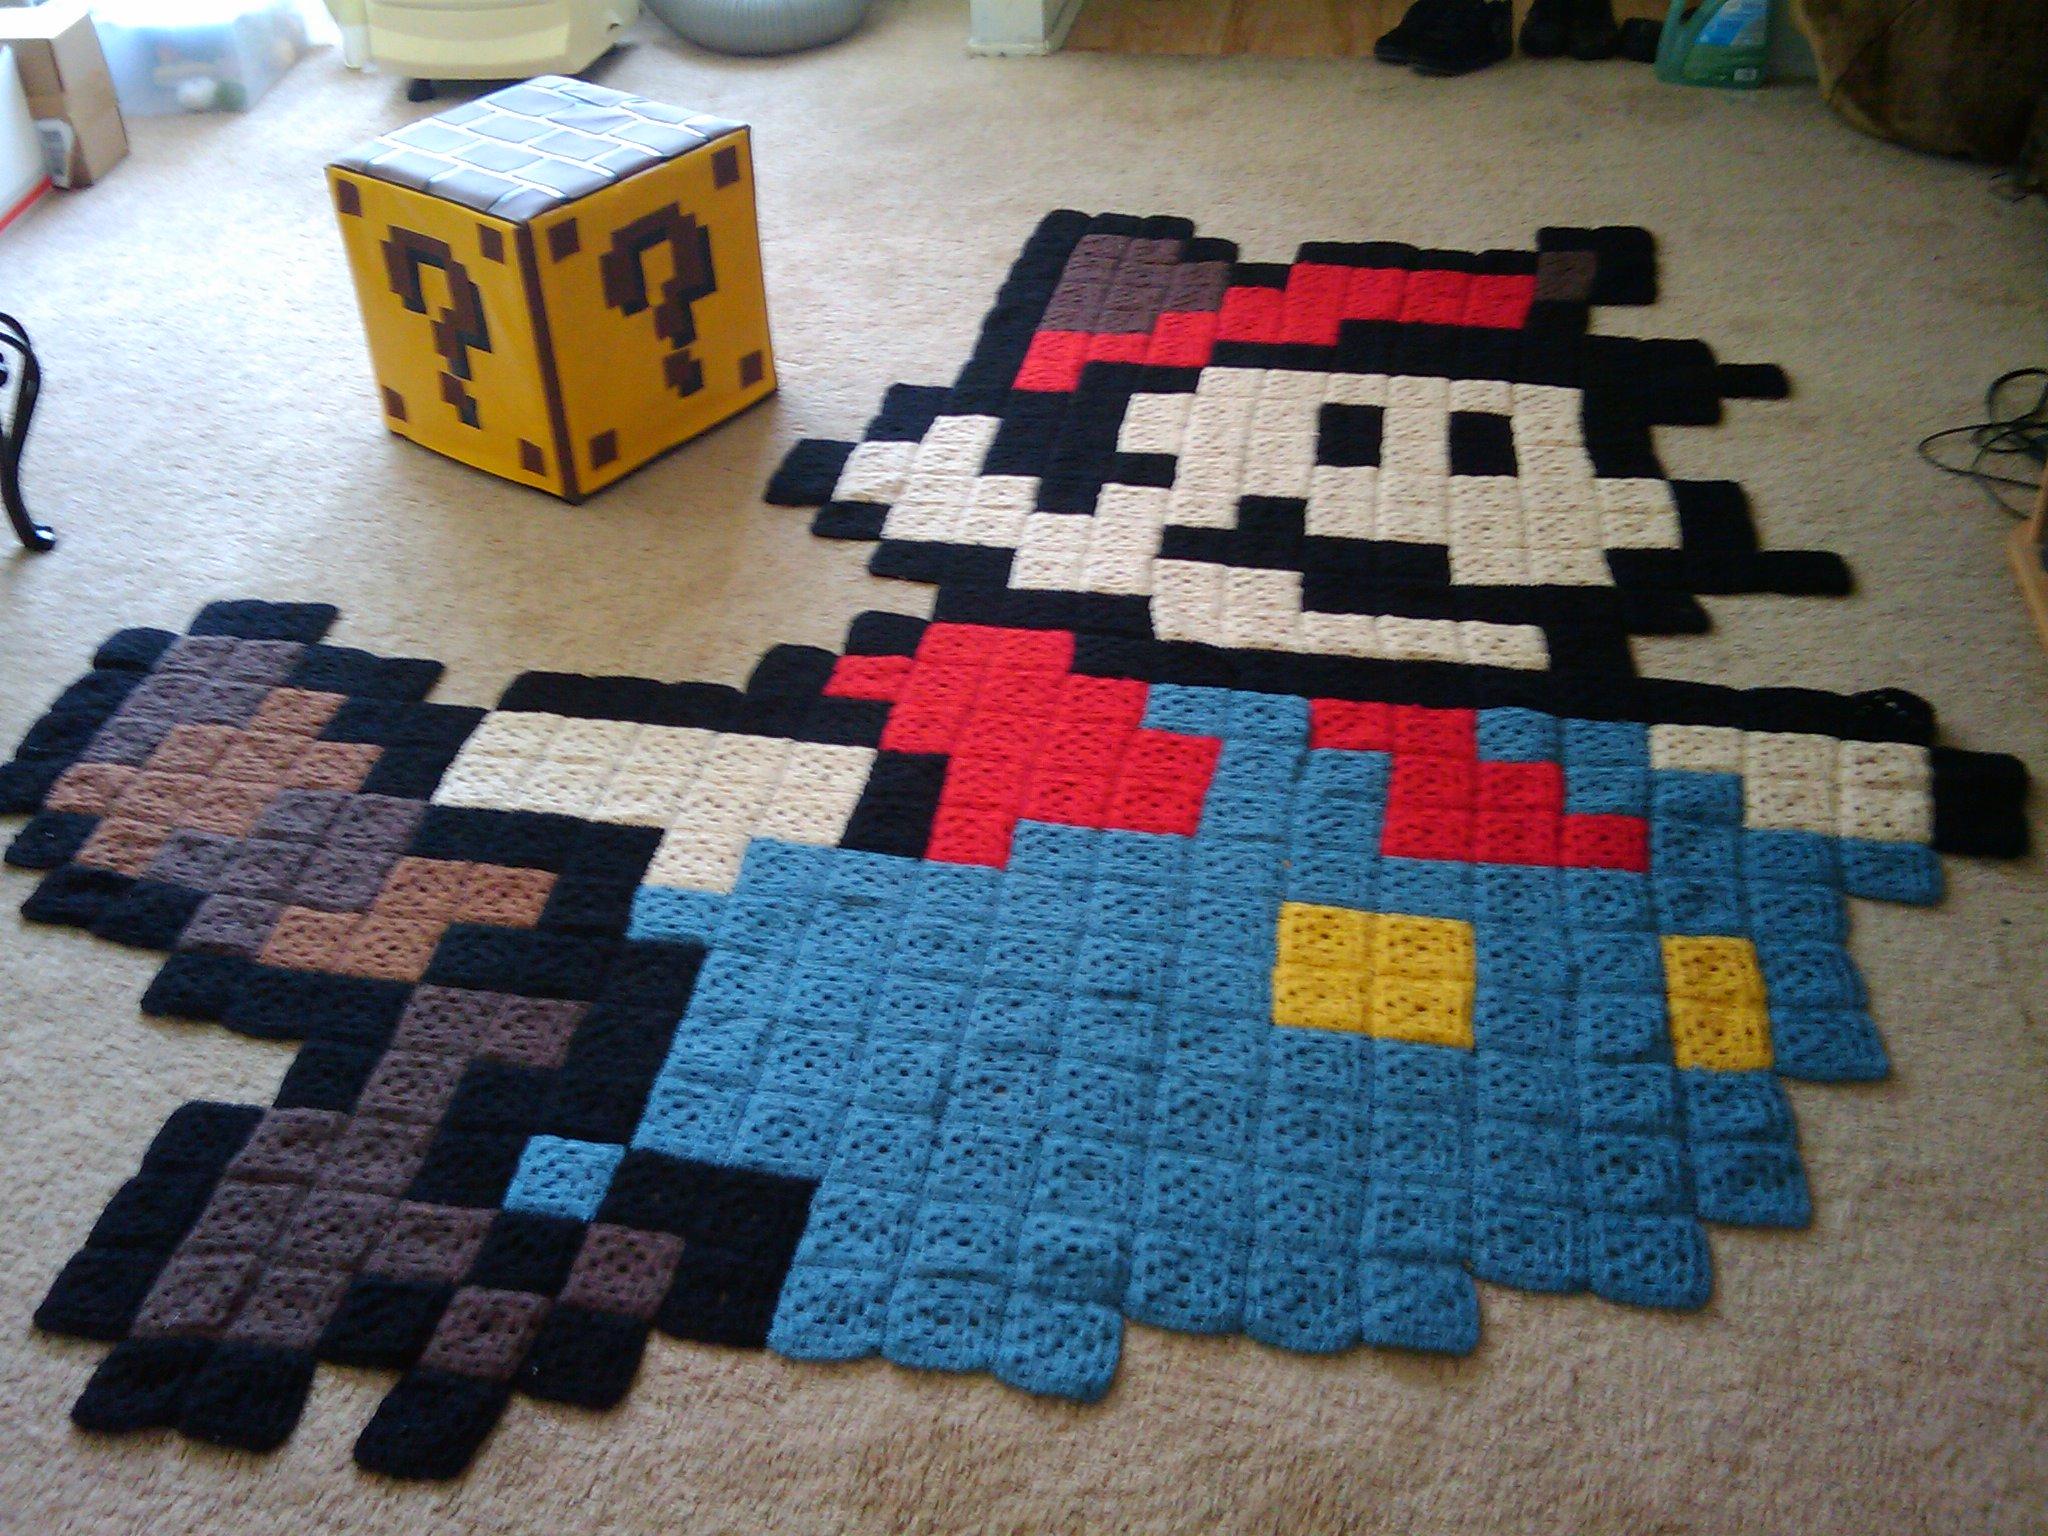 デスクトップ壁紙 青 パターン 平方 おもちゃ 任天堂 遊びます かぎ針編み アート 工芸品 材料 スーパー 毛布 手作り バツ 驚くばかり 装飾 繊維 おばあちゃん ビデオゲーム 床材 ラグ キルト 8ビット 家庭用品 ラクーンマリオ キルティング